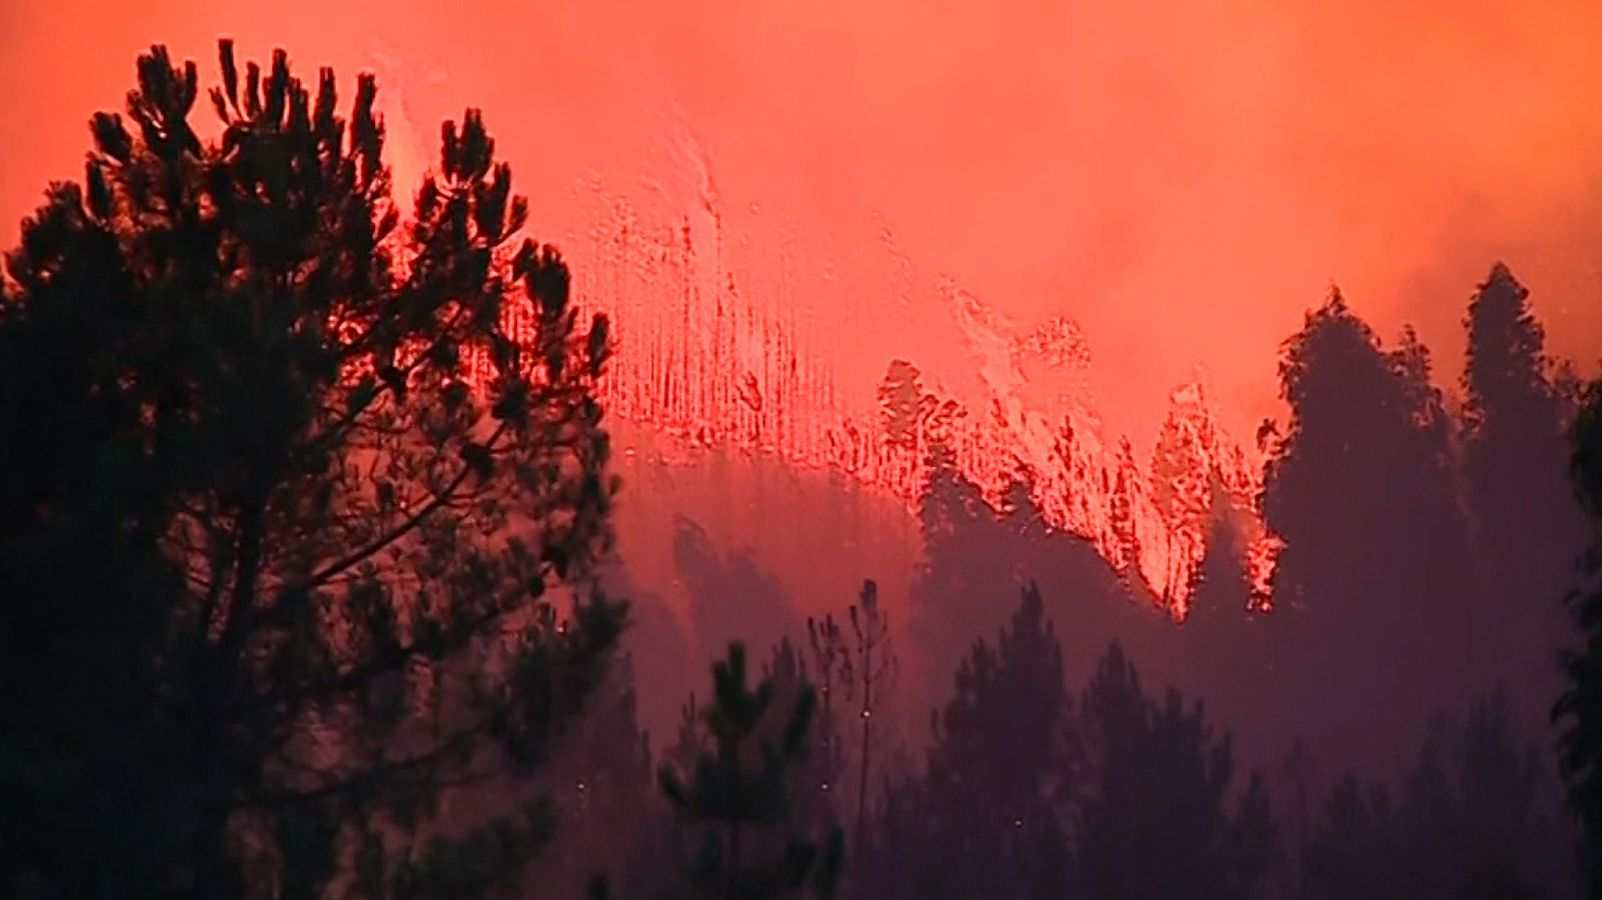 Waldbrände Portugal Karte.Waldbrände Gibt Es Jeden Jahr In Den Heißen Sommermonaten In Portugal Nun Kämpft Das Land Mit Den Ersten Starken Bränden Der Saison Mindestens 20 Menschen Wurden Bislang Verletzt